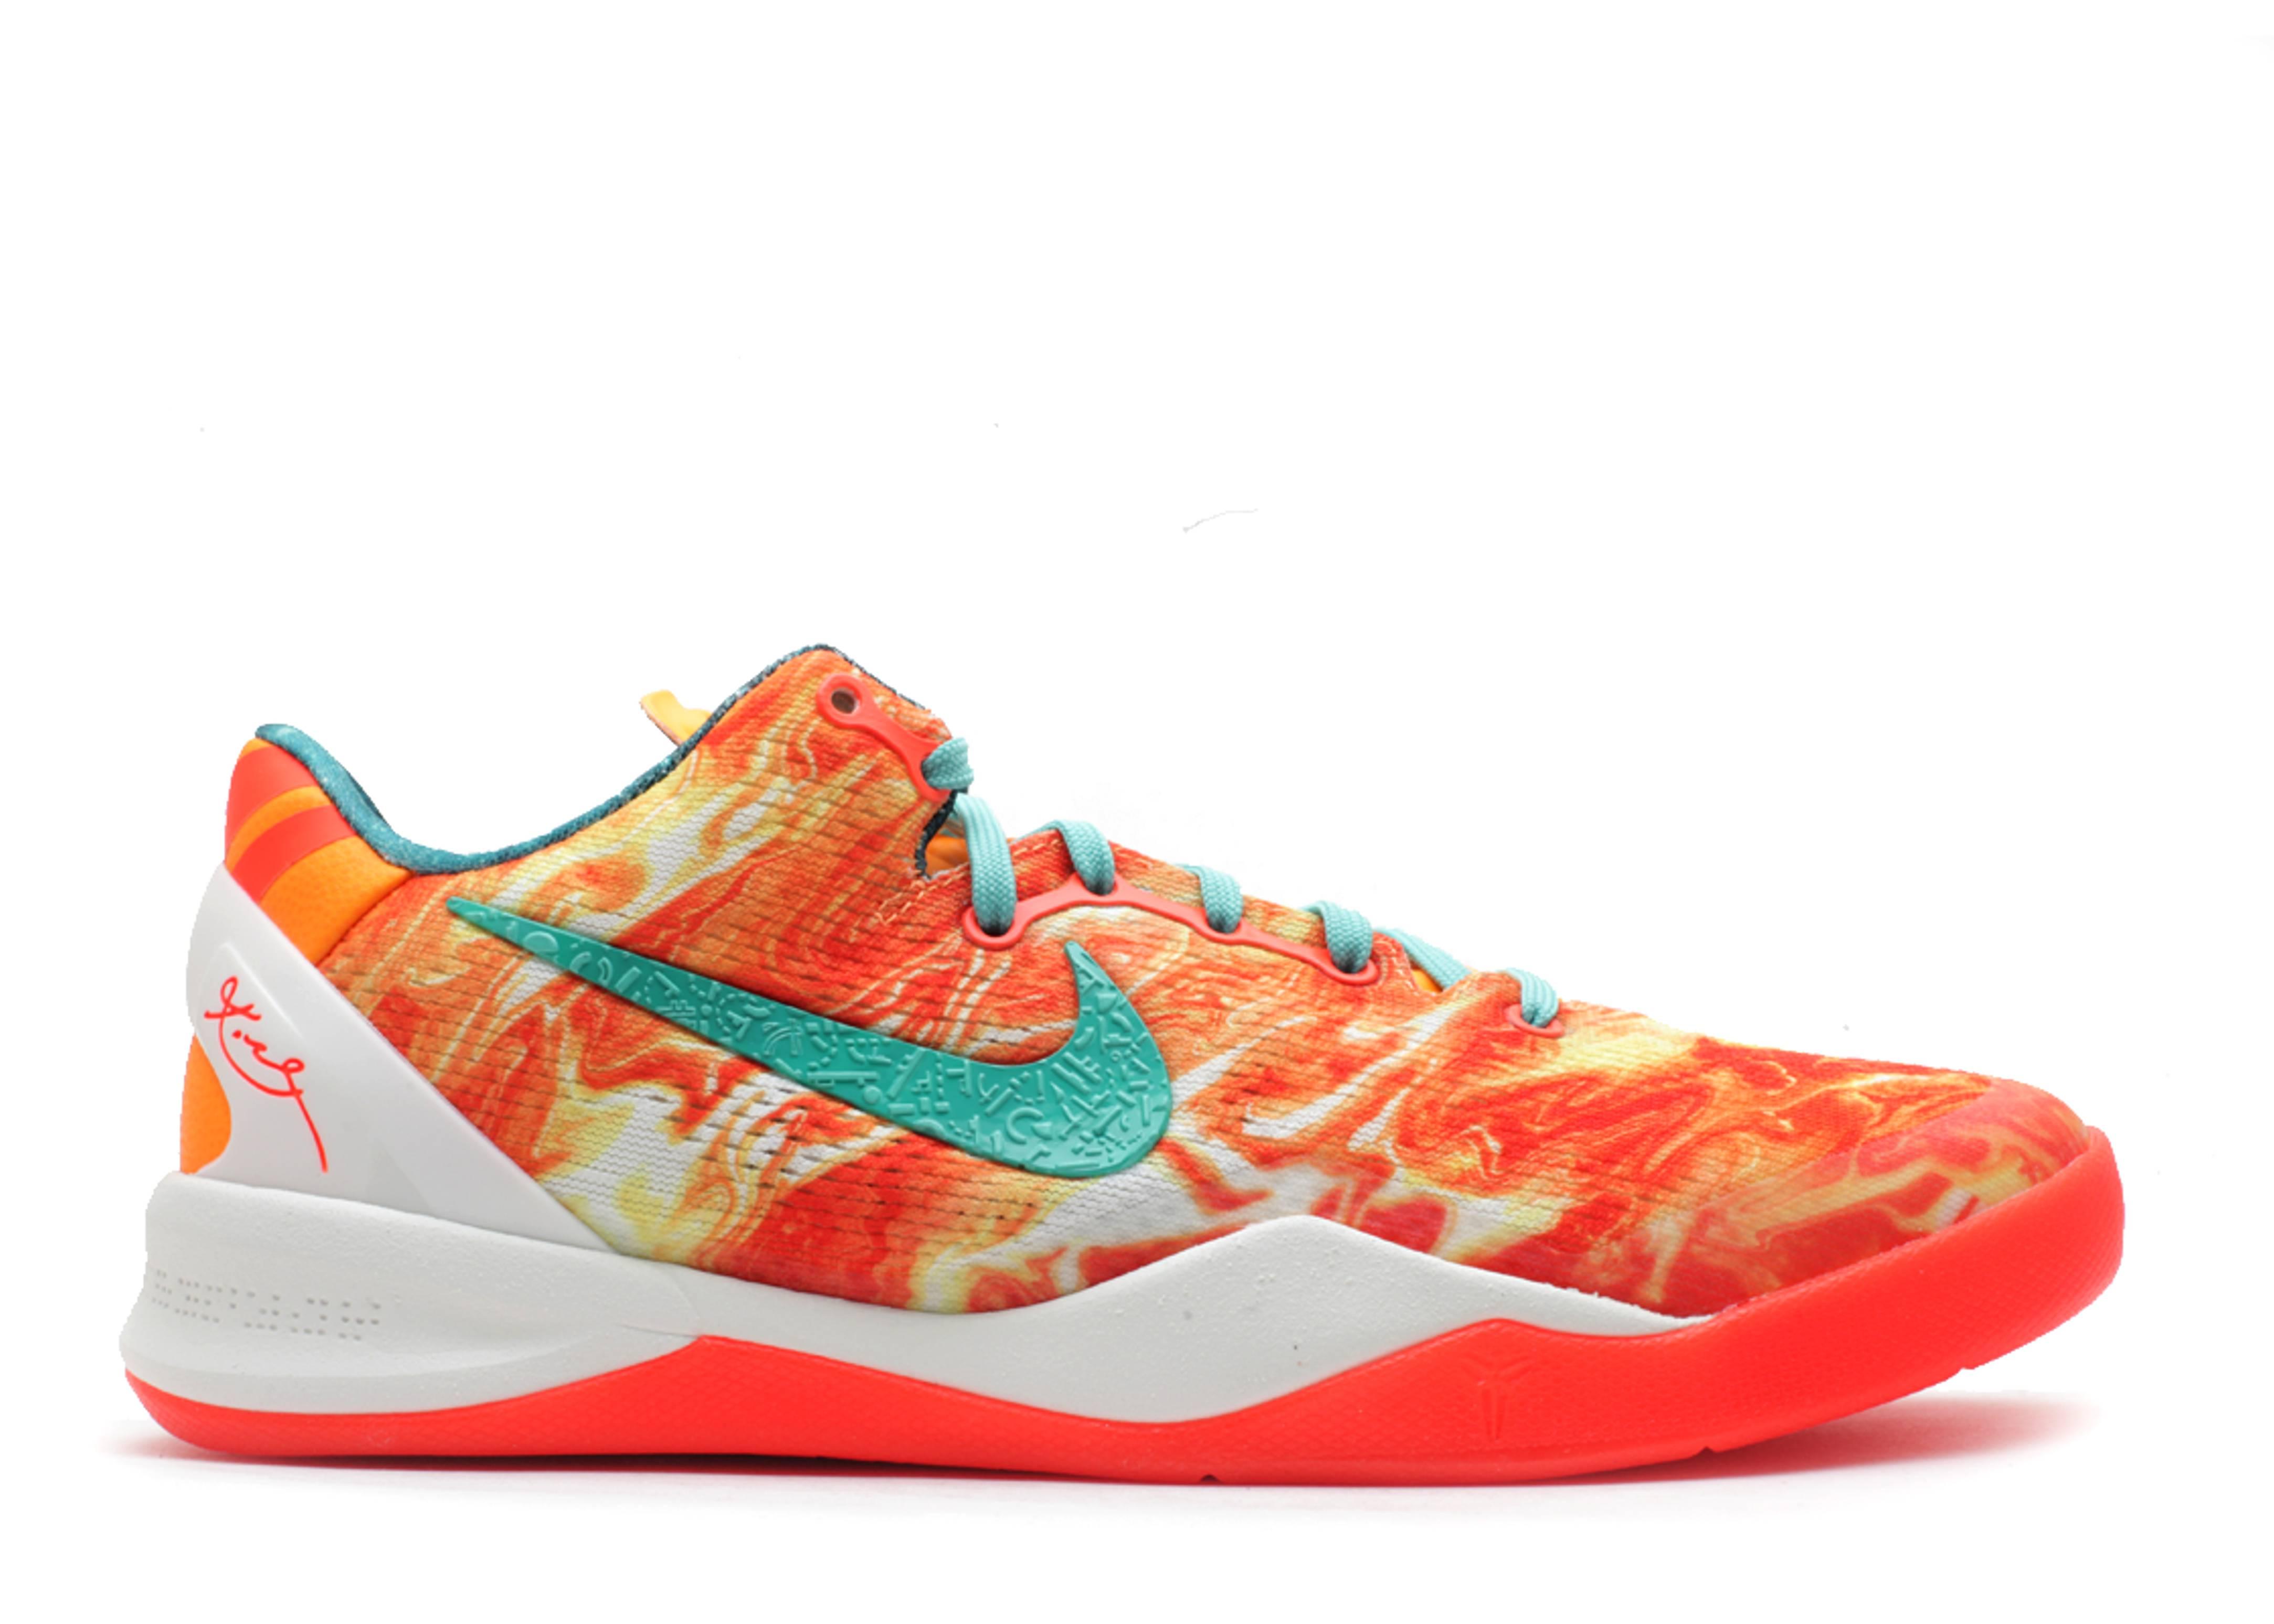 Nike Kobe 8 GS Nike Kobe 8 For Sale  10f60ac90f